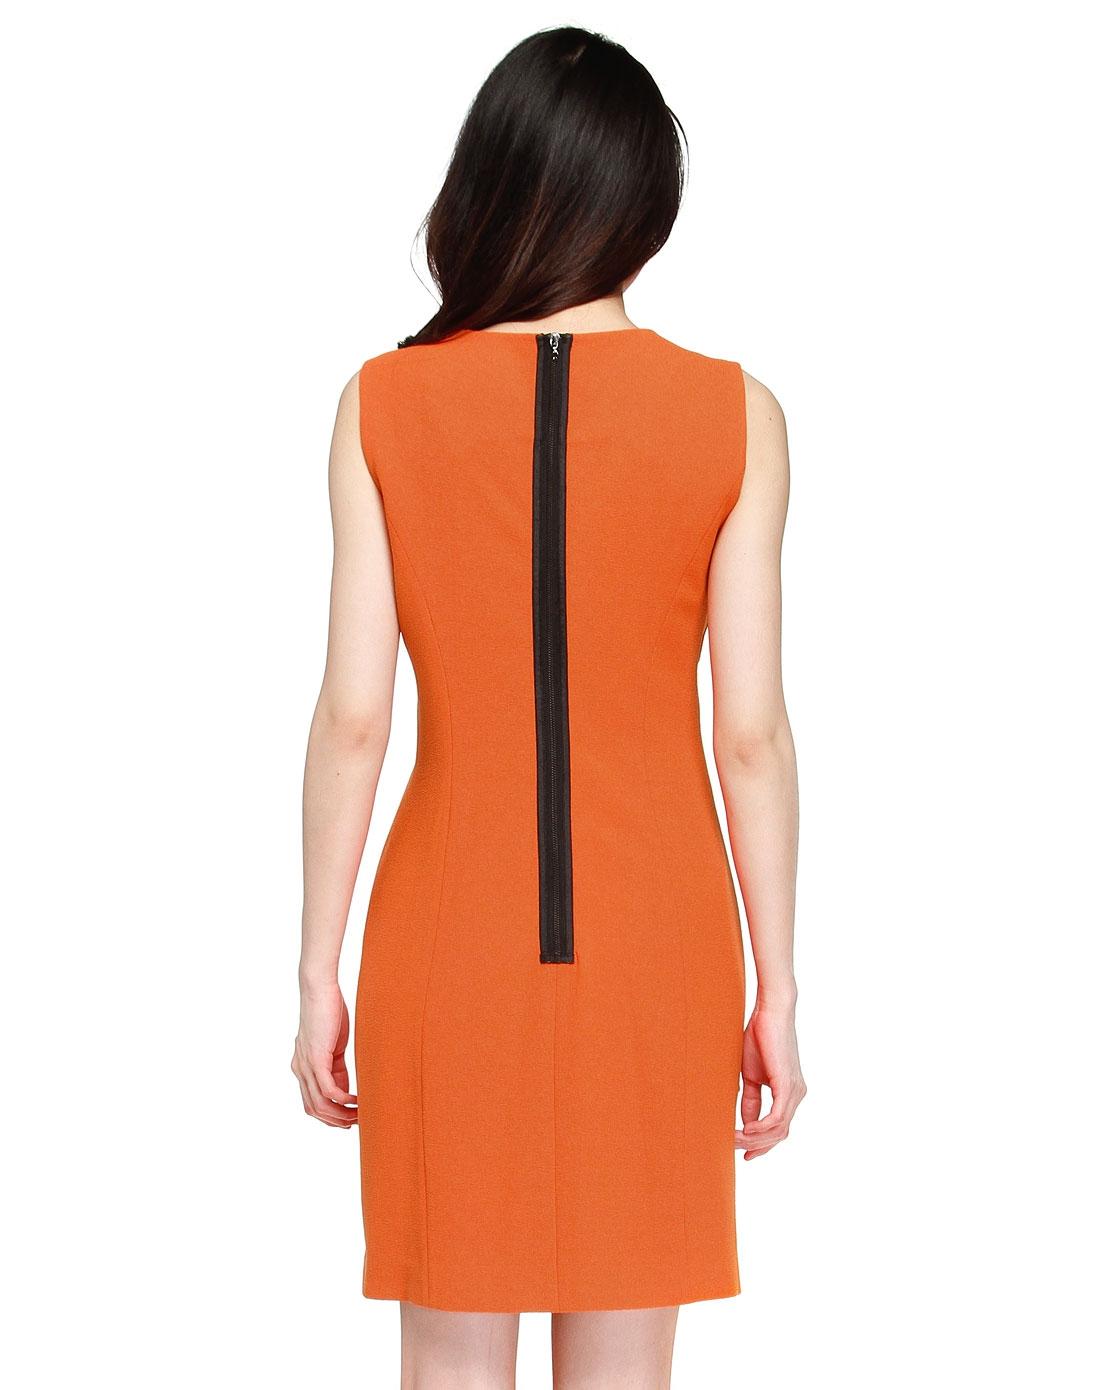 无袖跺(h��ފ9_无袖修身橙色连衣裙